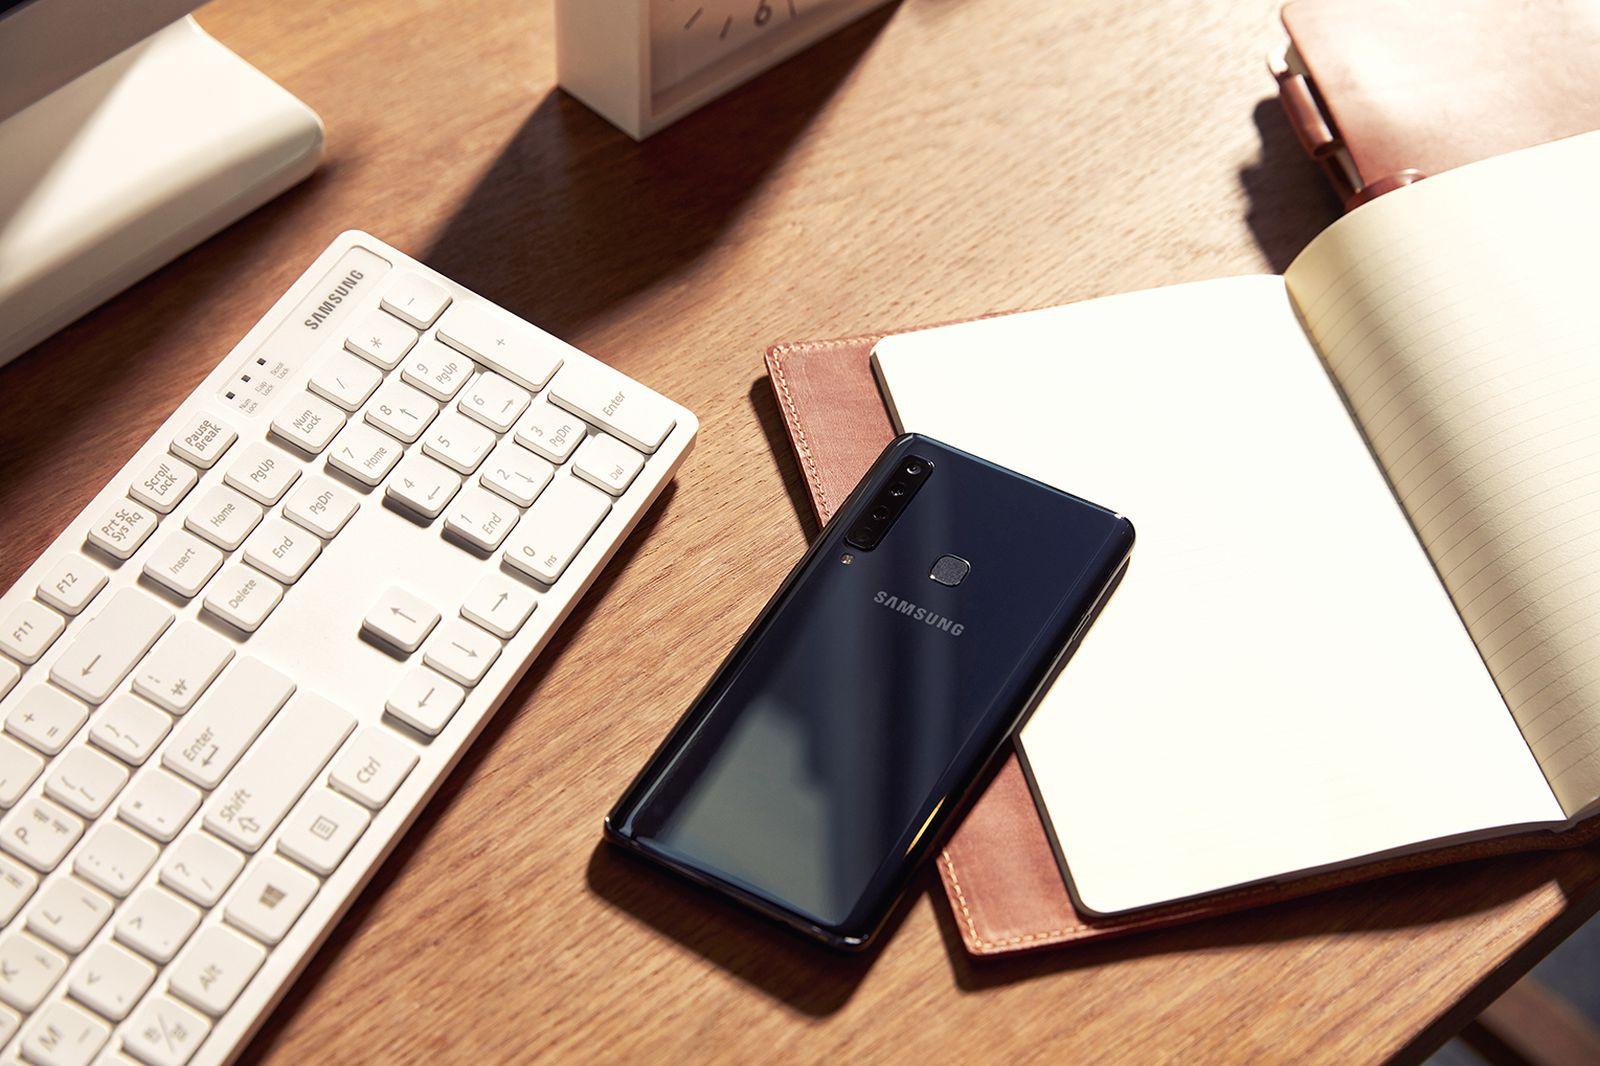 Prvi Samsungov telefon s čak četiri stražnje kamere